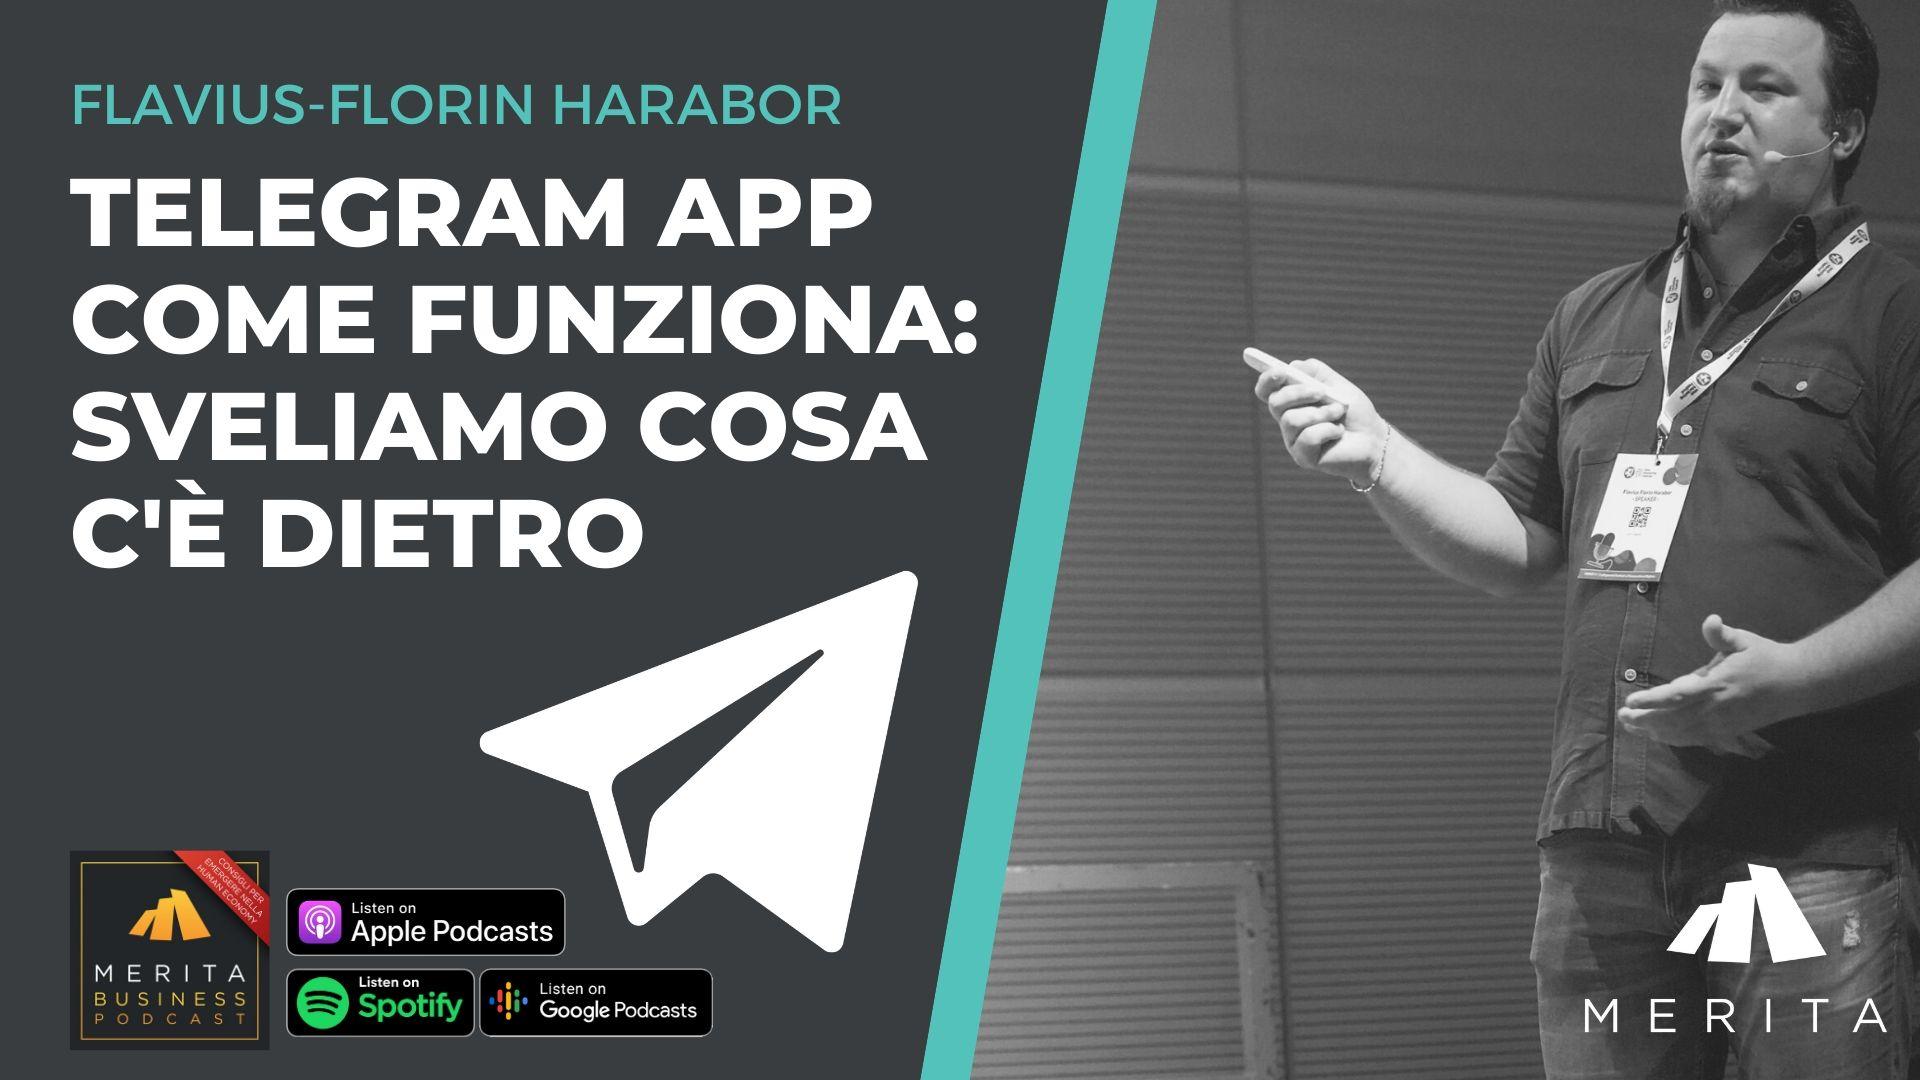 Flavius Florin Harabor parla di Telegram